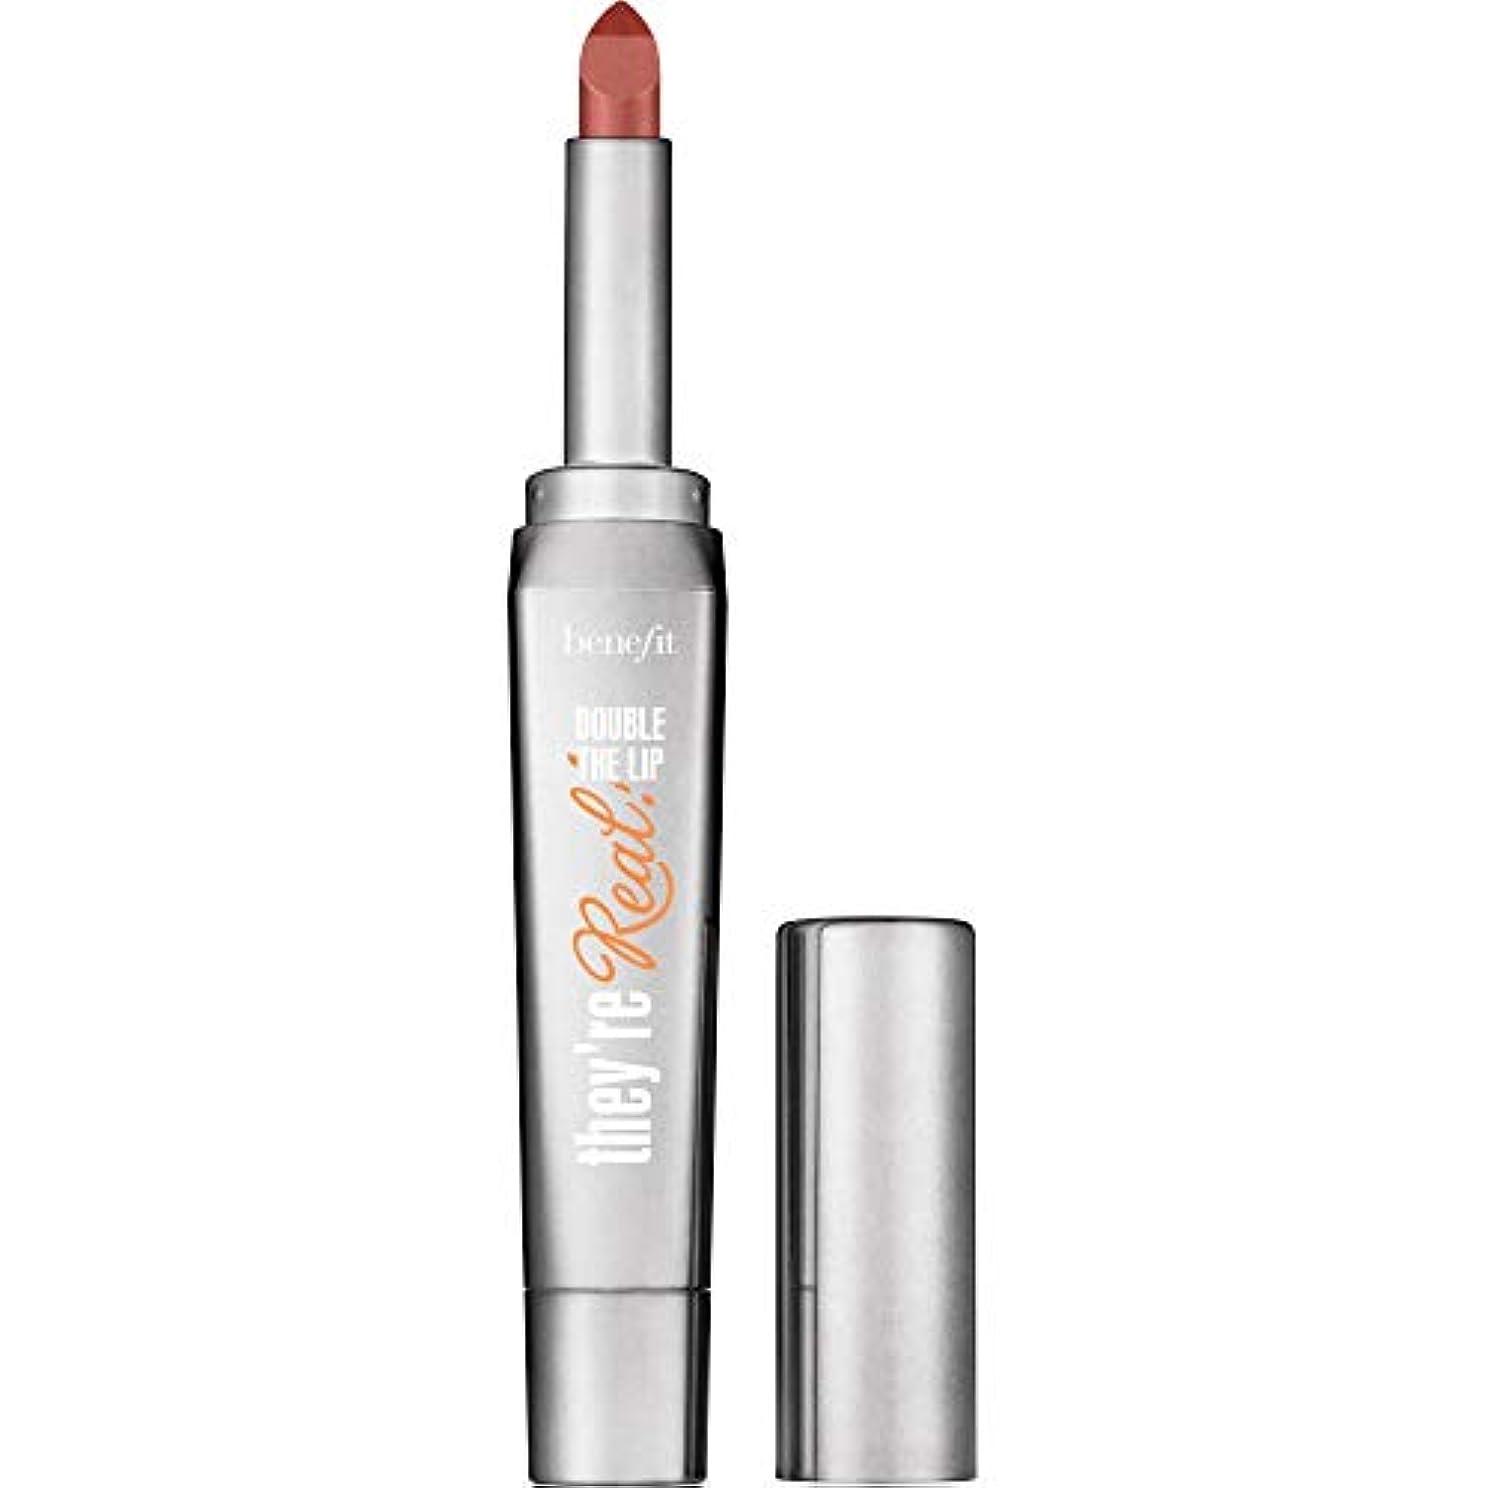 寂しい検閲強化するBenefit Cosmetics They're Real Double The Lip Beyond Sexy Lipstick & Liner In One in Revved Up Red (Cherry Red...